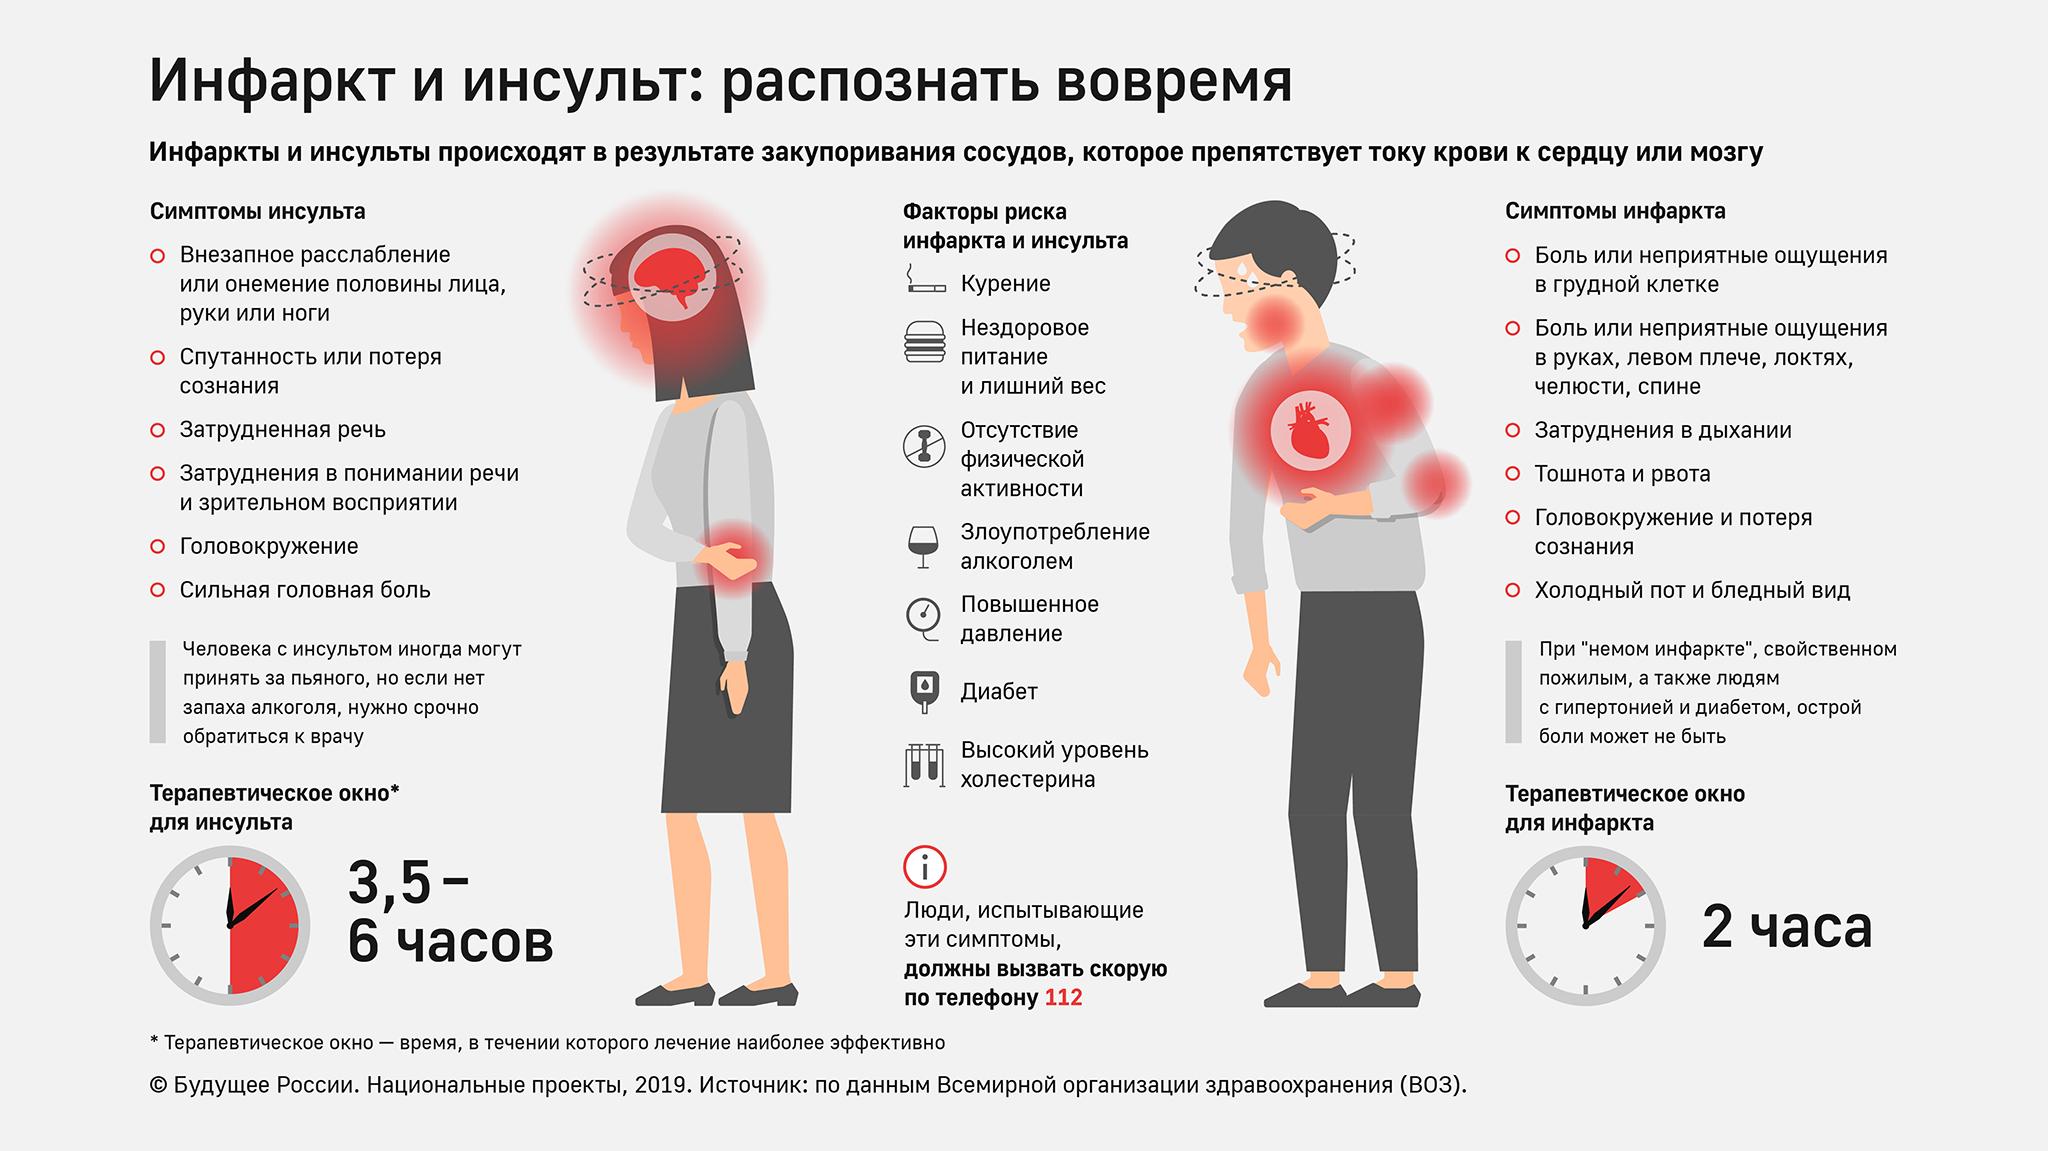 Невроз сердца: особенности отклонения, причины, симптомы и способы коррекции